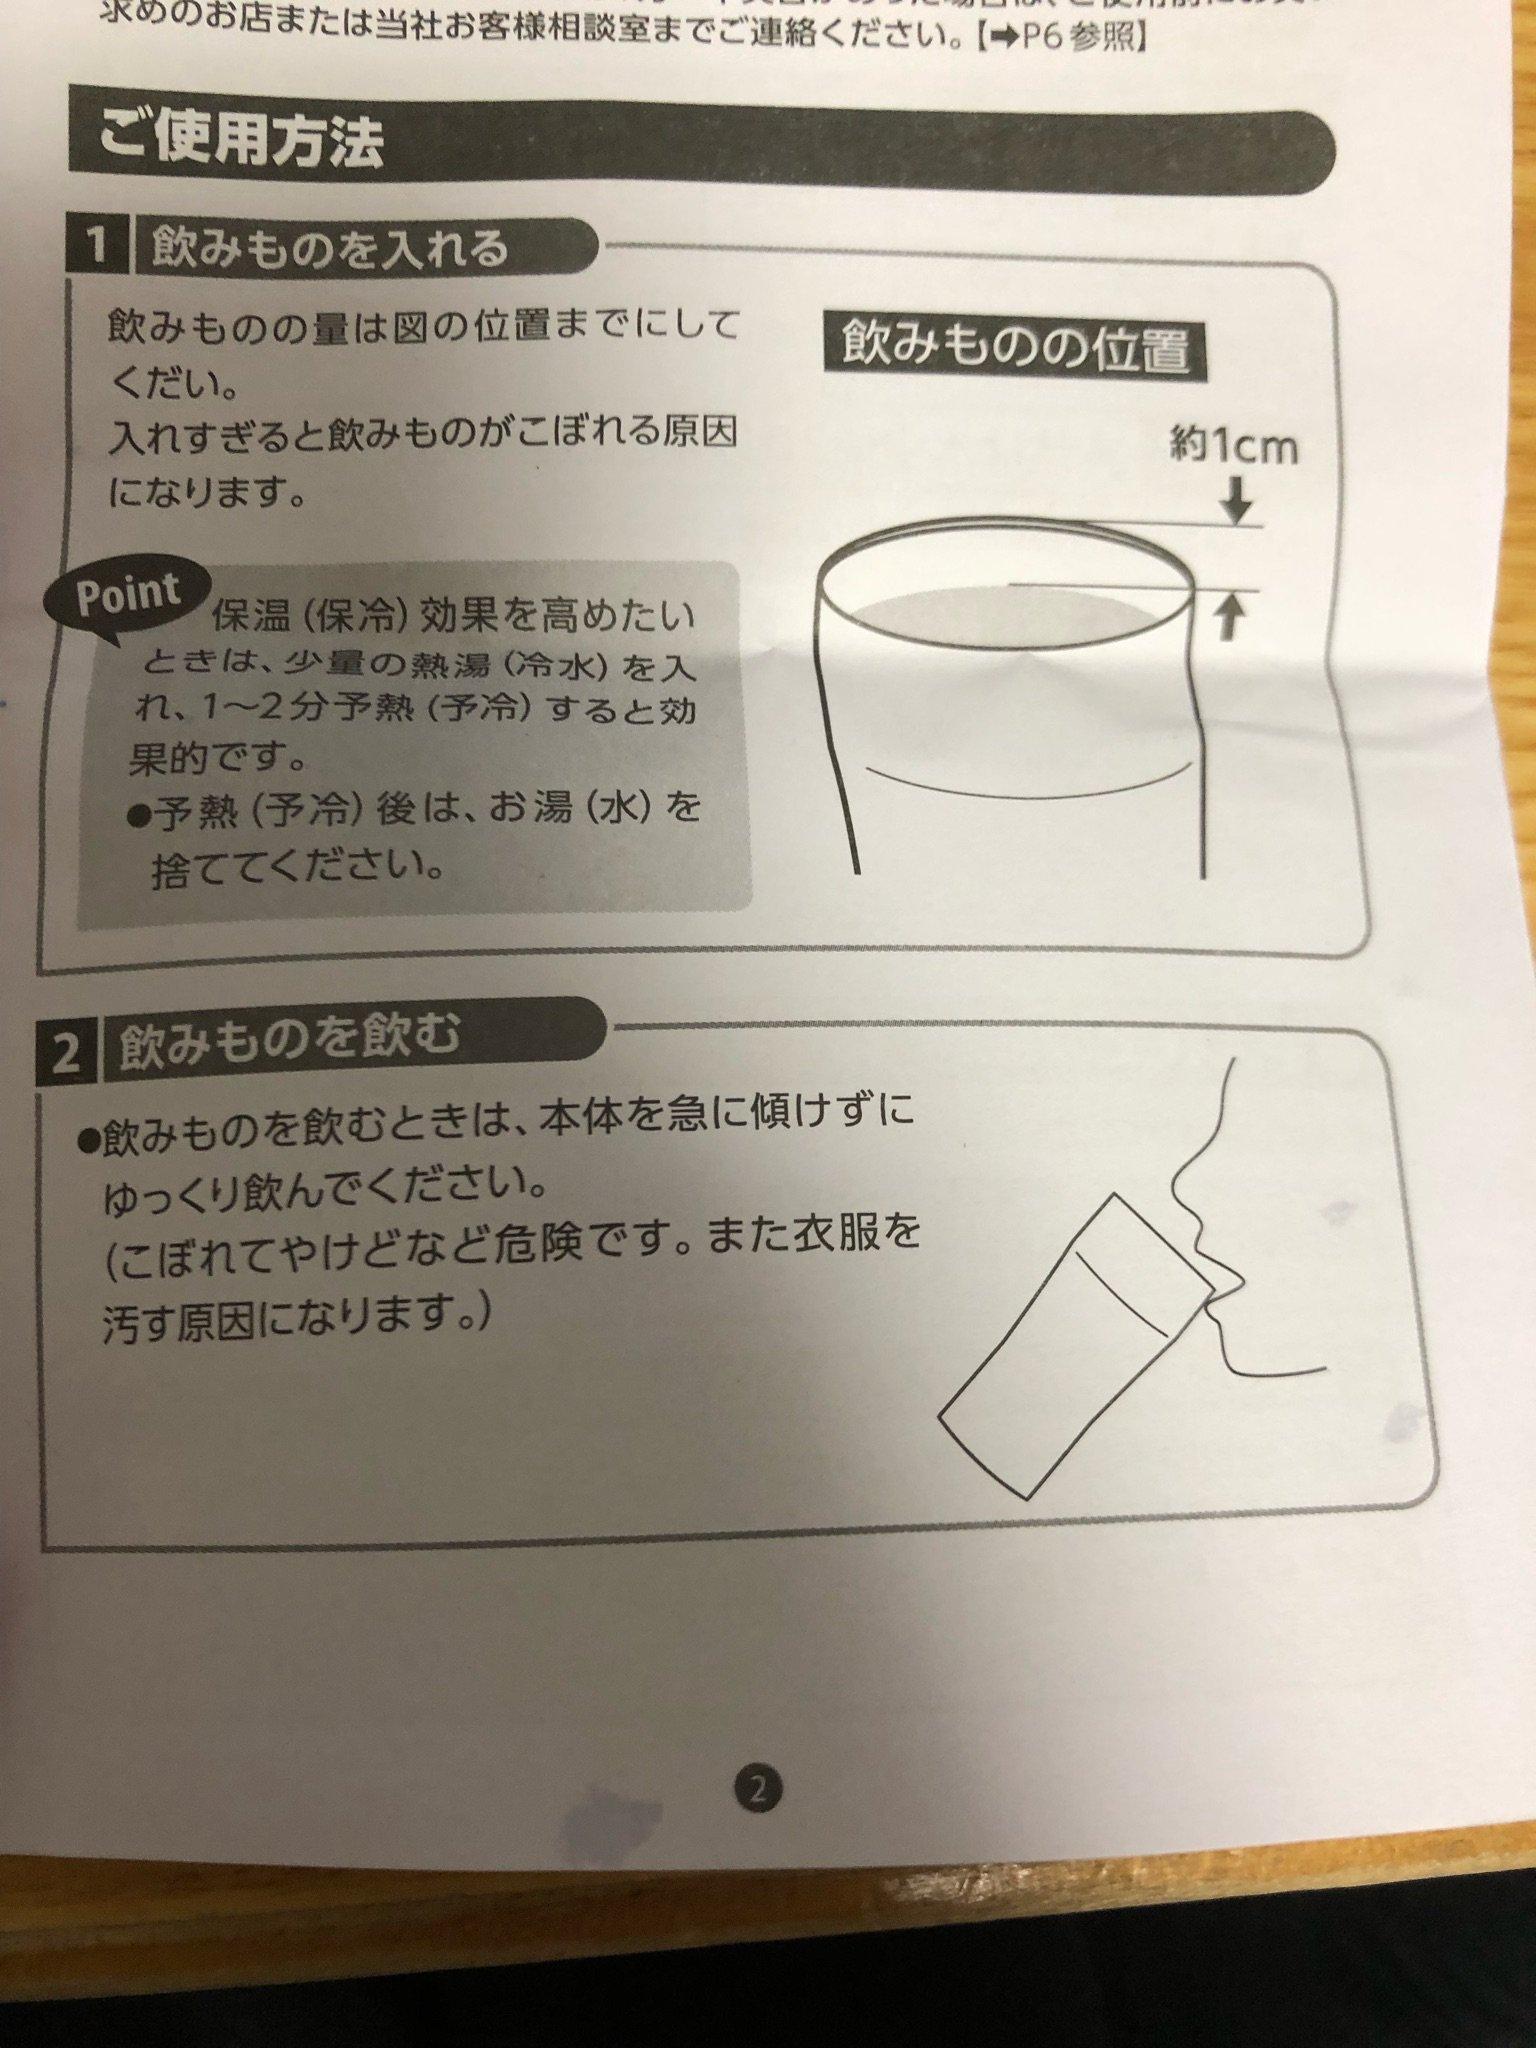 帰宅したら新しく買ったコップが届いてたんだけど、人間初心者に向けた液体をコップから飲む方法の説明書がついていた